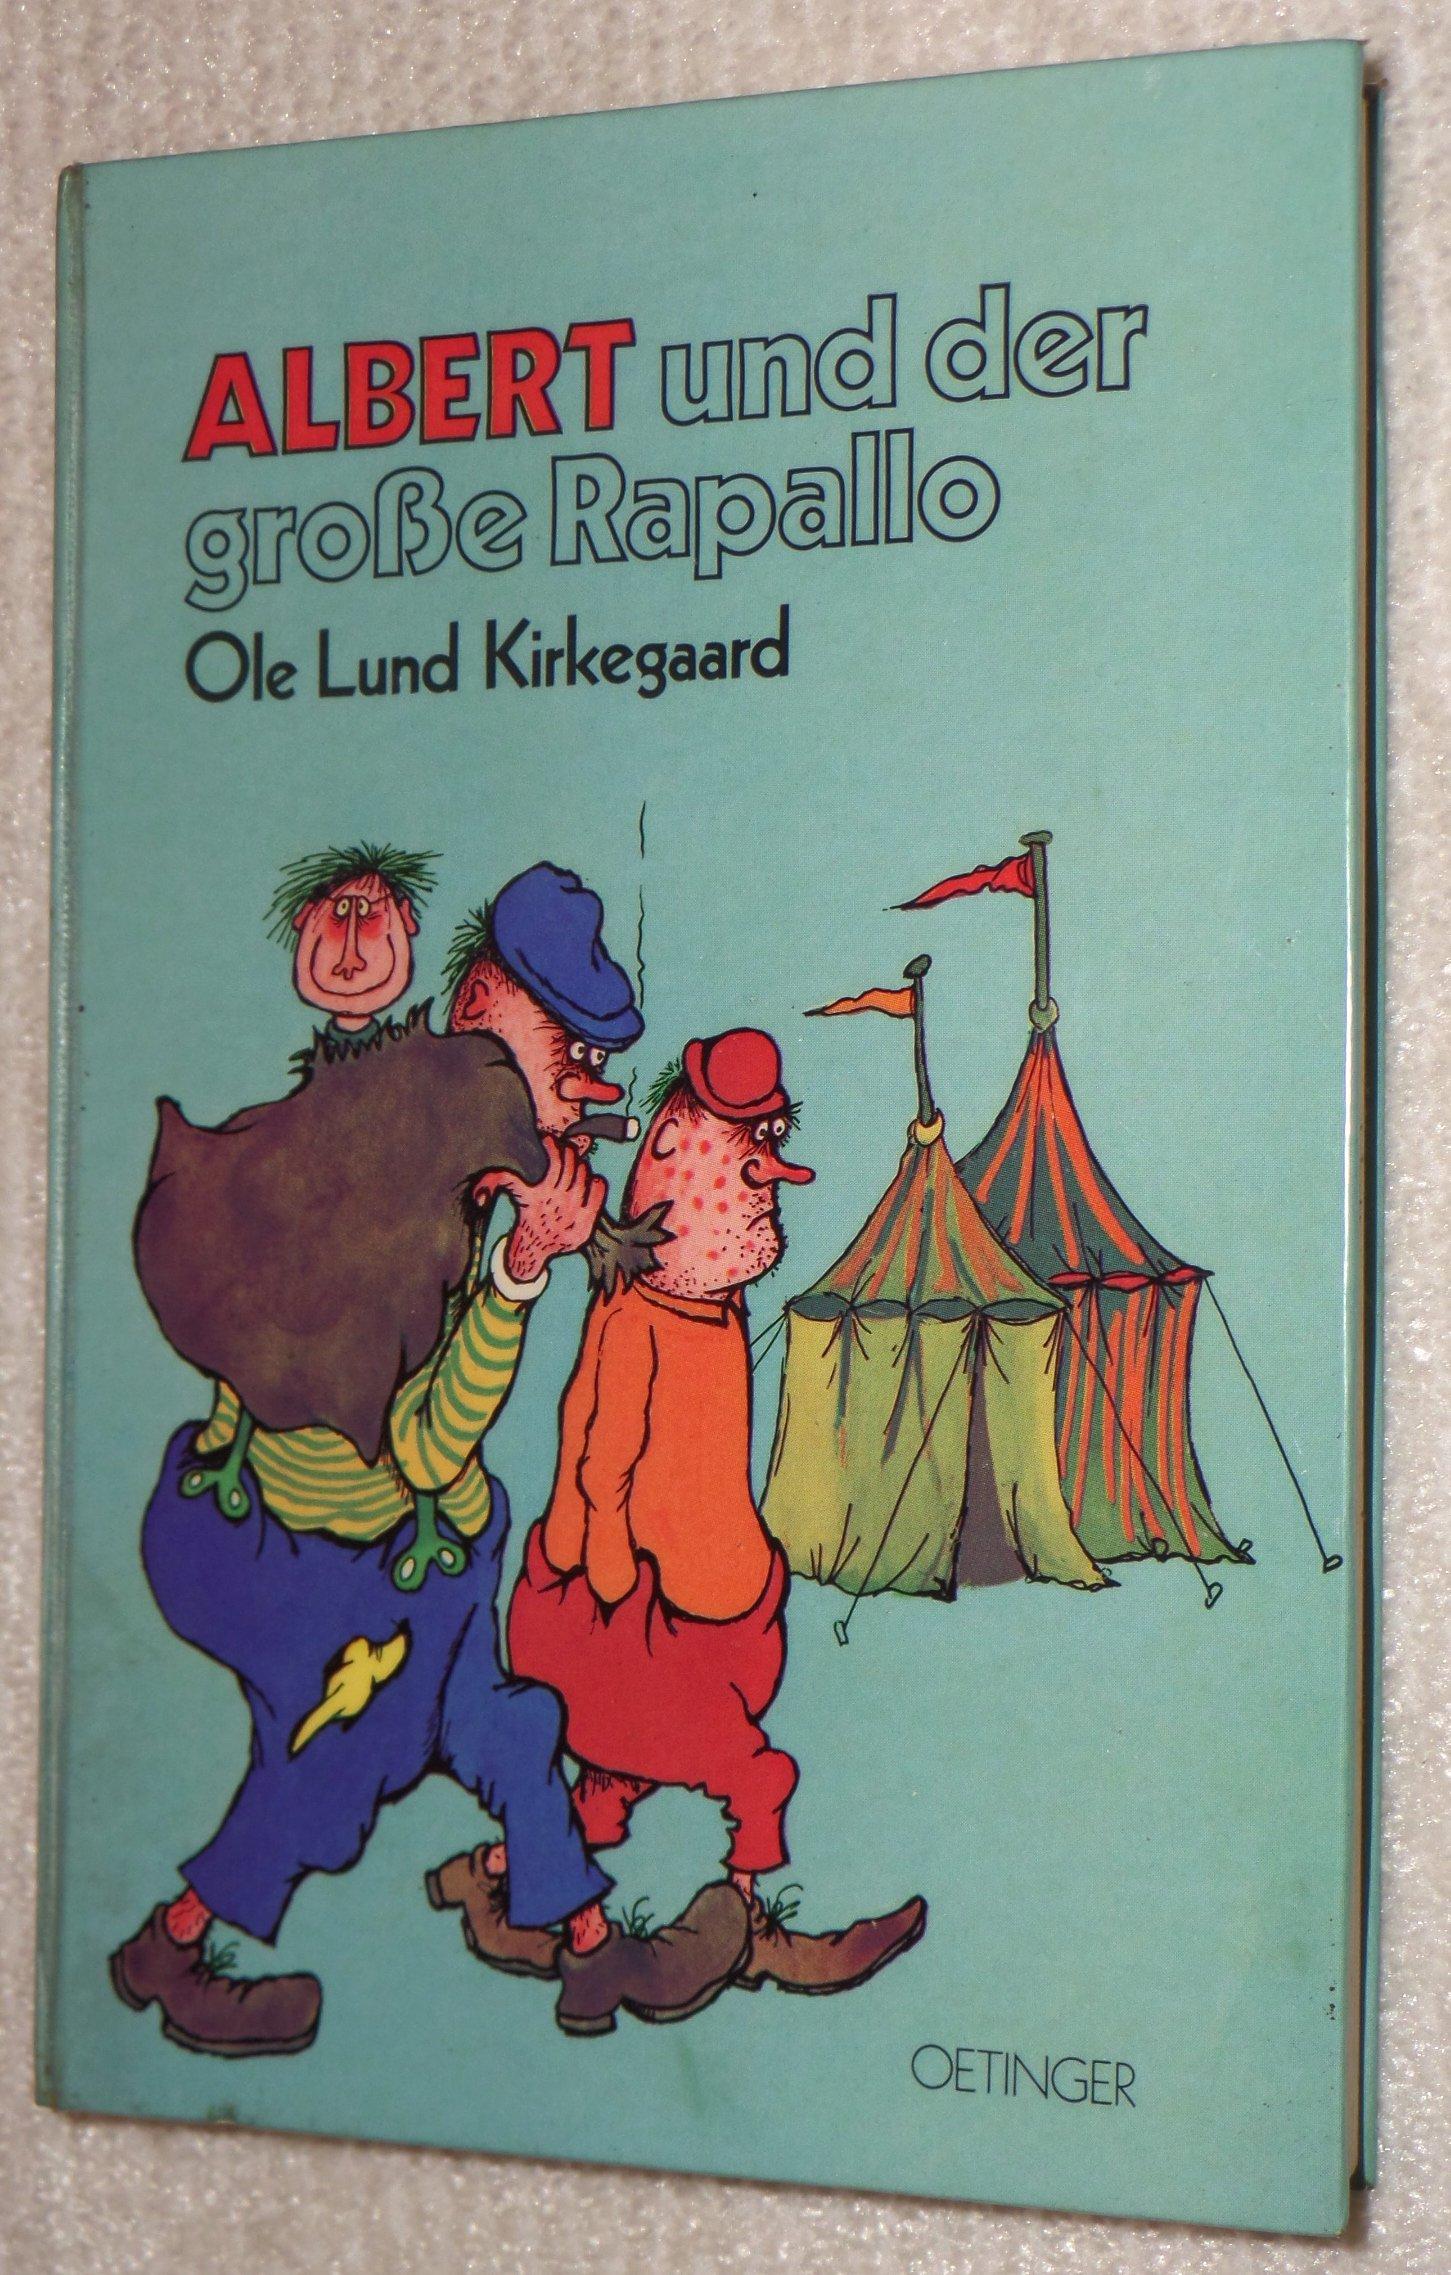 Albert und der große Rapallo